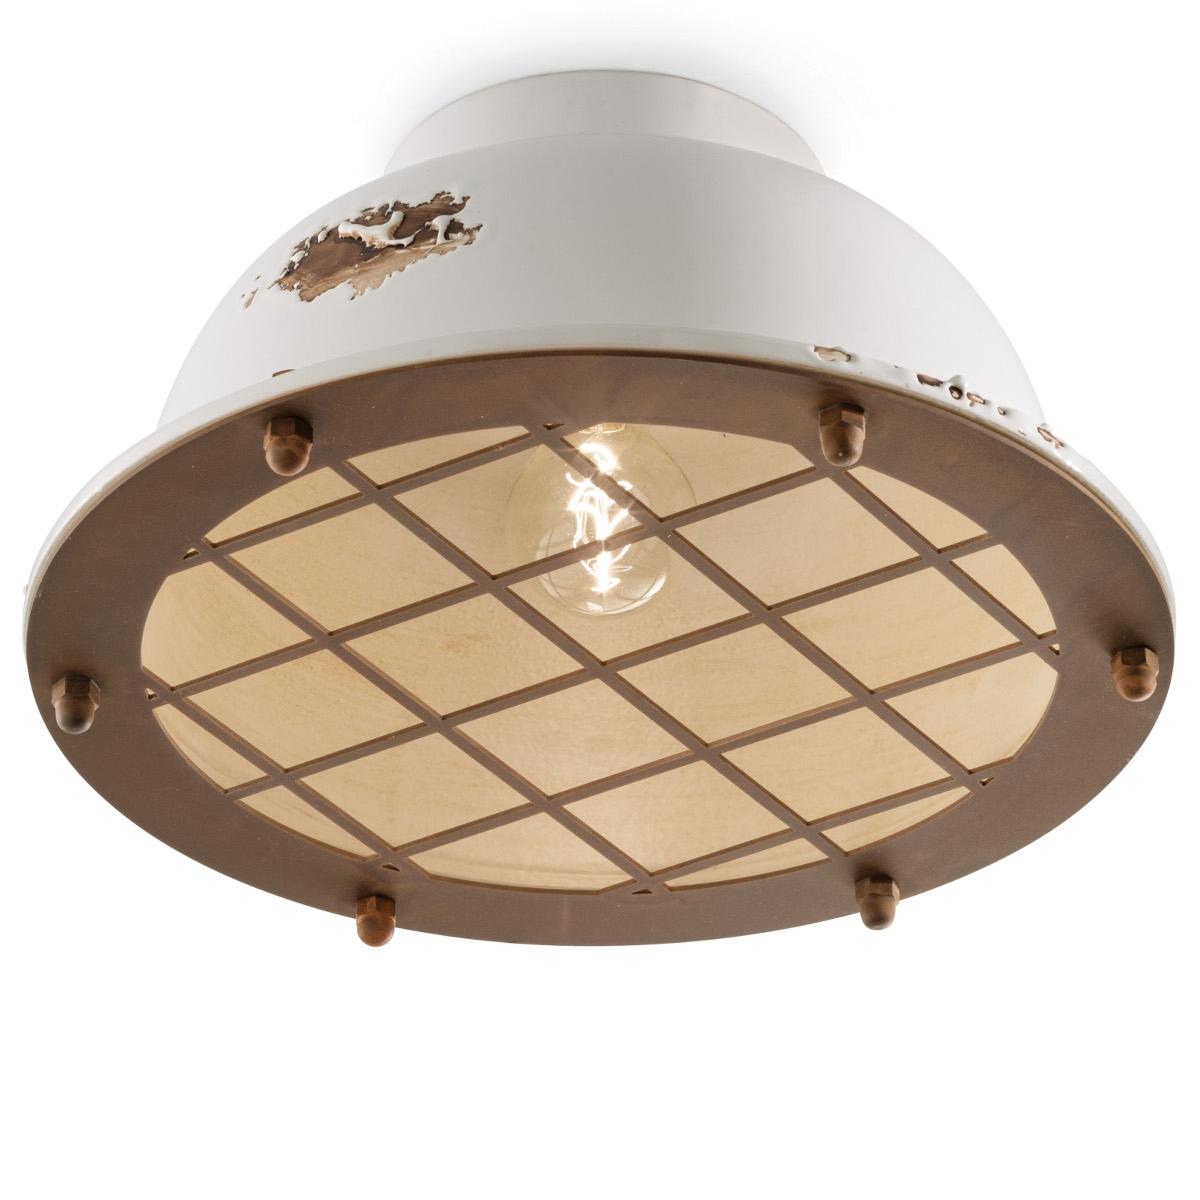 Full Size of Deckenlampe Industrial Deckenlampen Wohnzimmer Für Esstisch Schlafzimmer Küche Bad Modern Wohnzimmer Deckenlampe Industrial